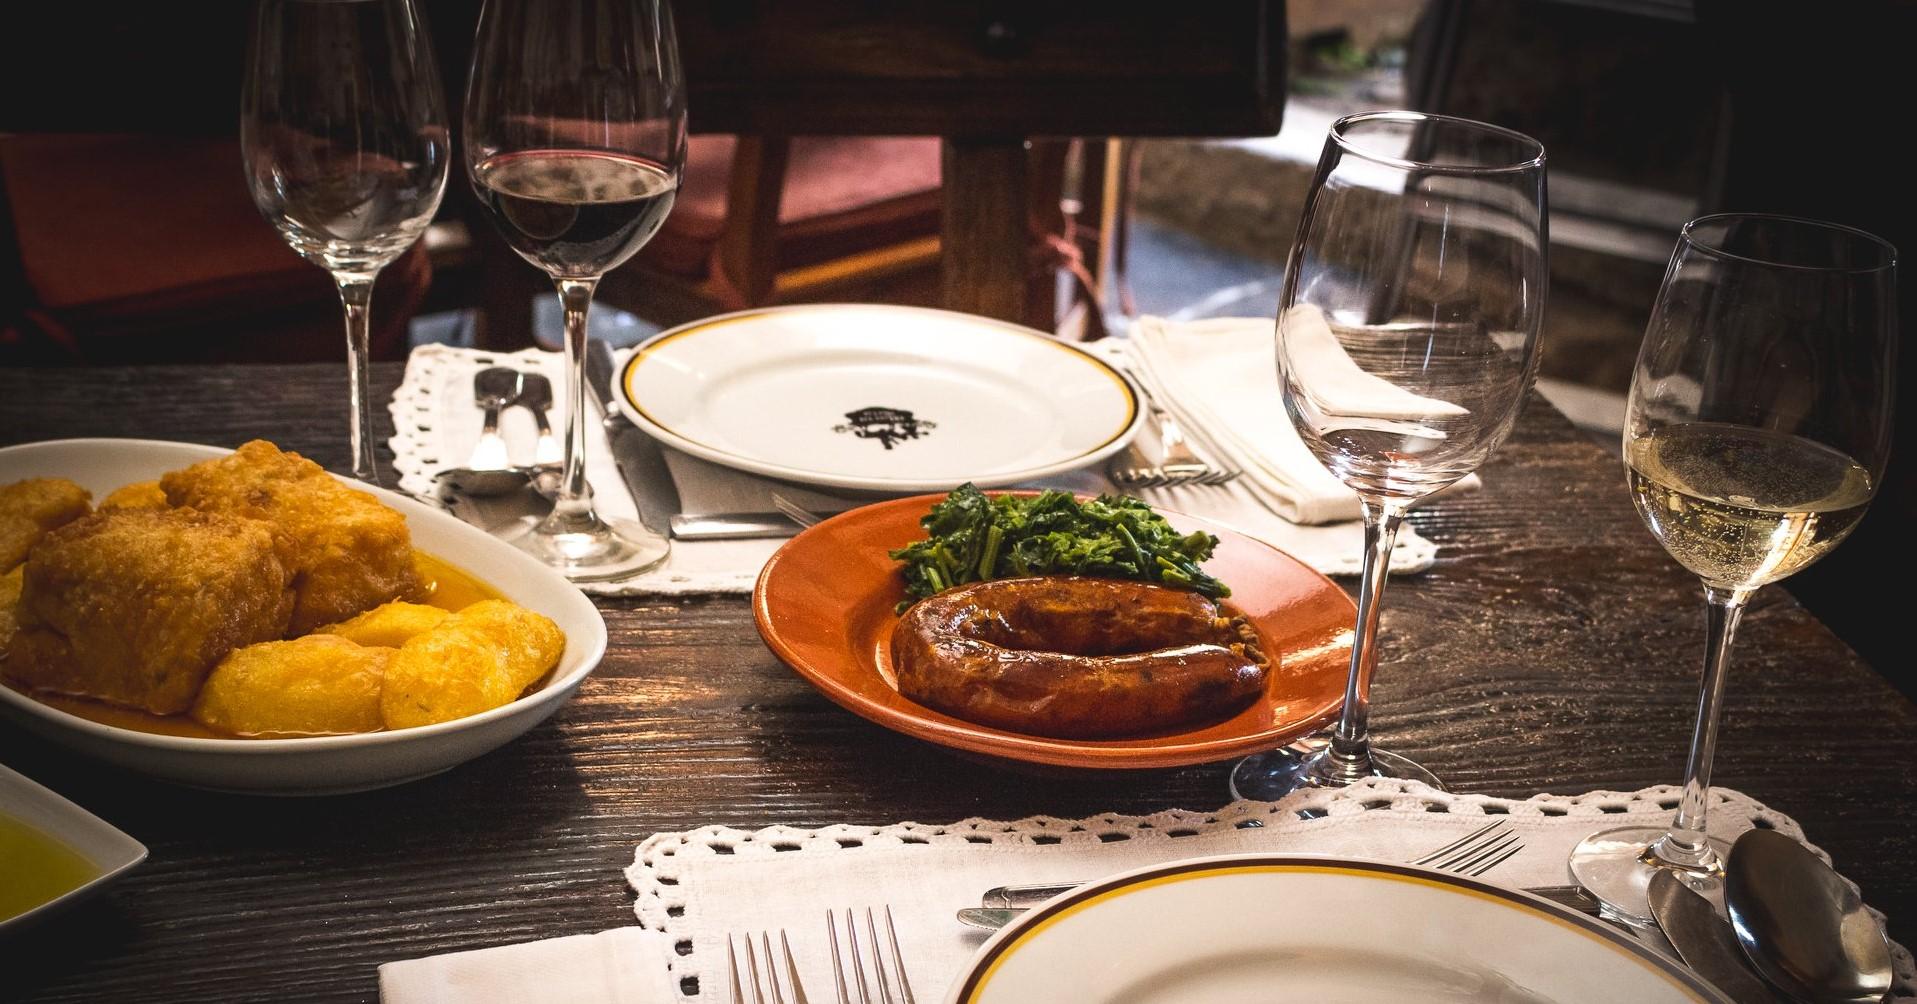 Mesa posta com alheira como prato principal